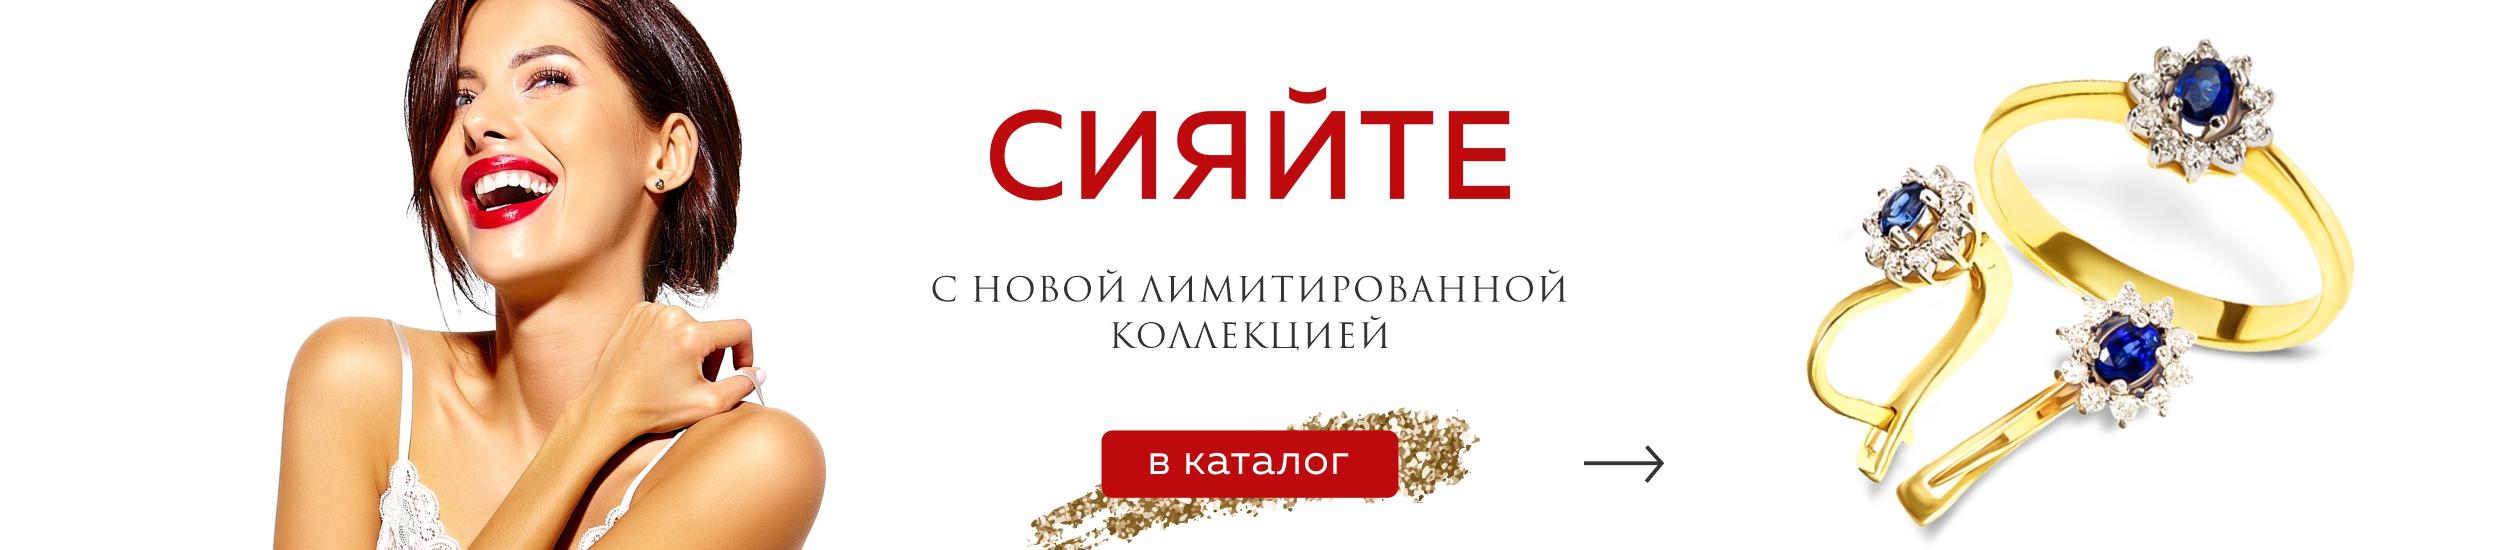 Ювелирные украшения в интернет магазине Diamant.uz